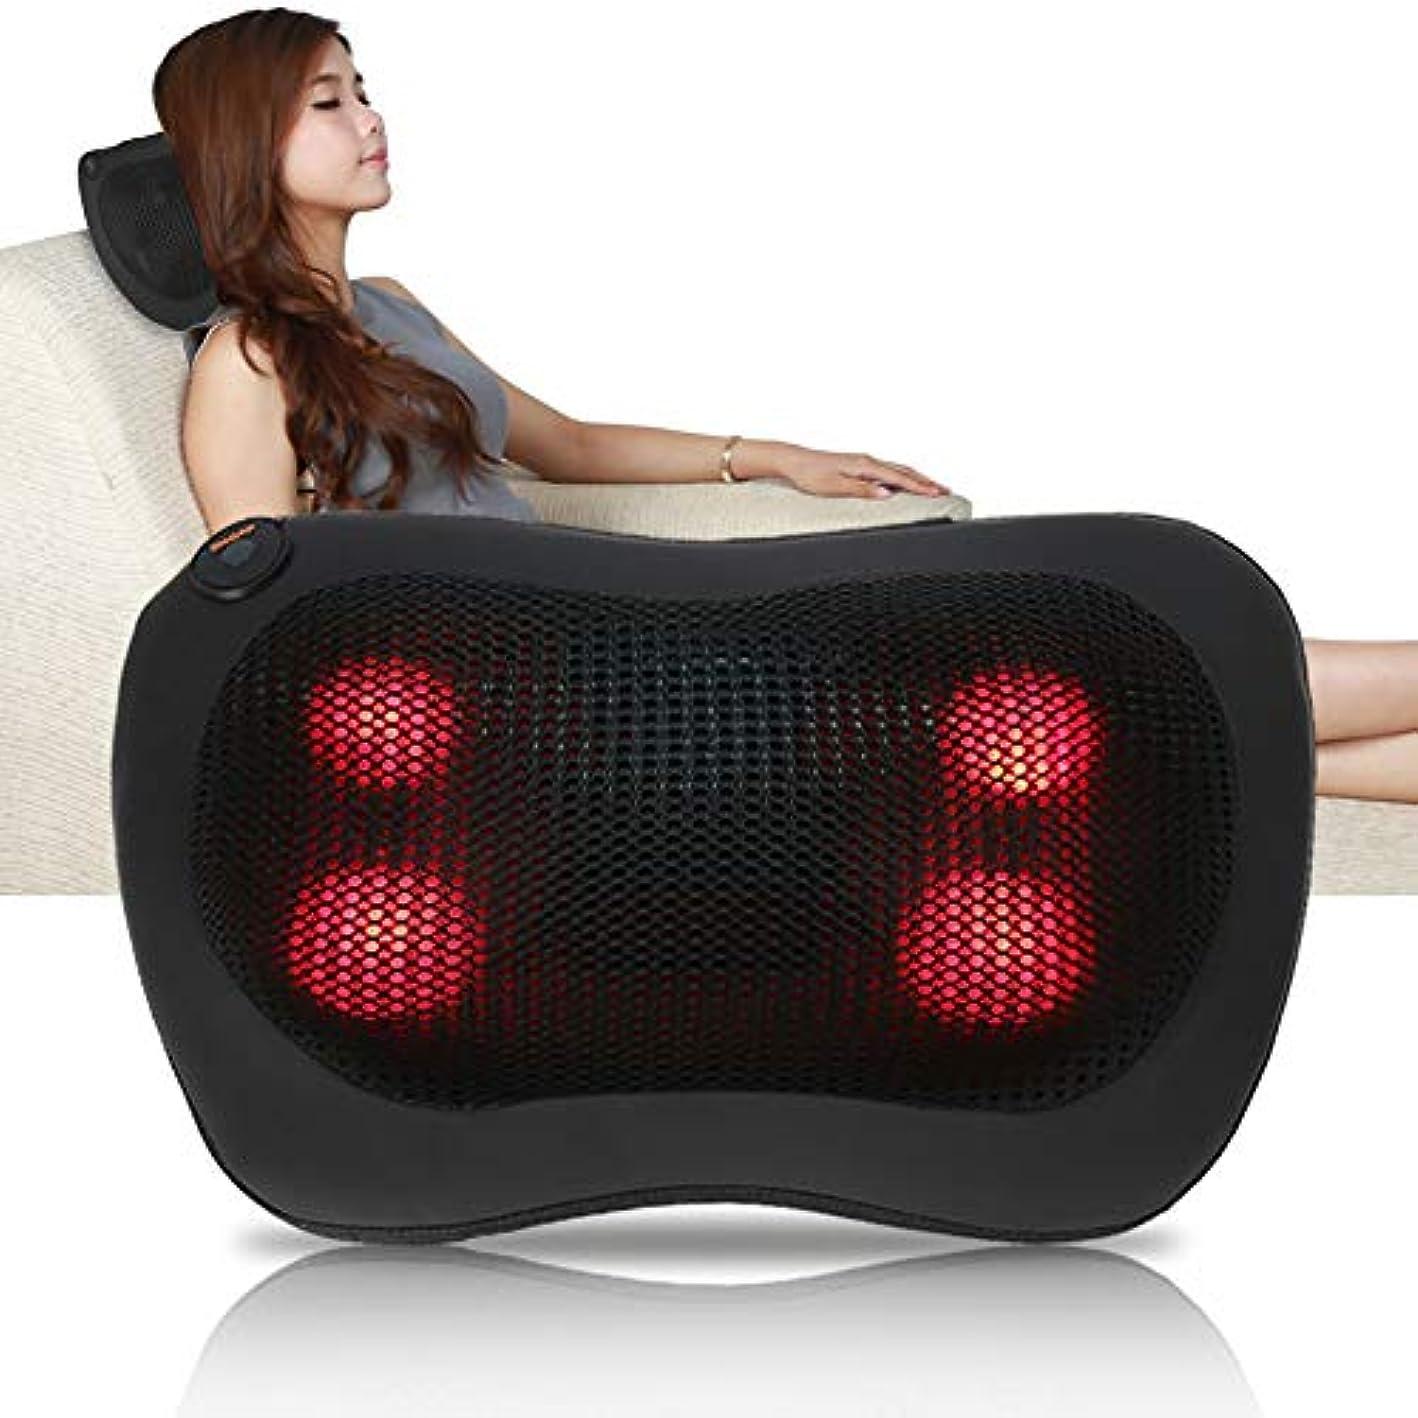 携帯用 電気マッサージの枕 暖房療法 首のウエスト 足の腕 マッサージ用具(ブラック)